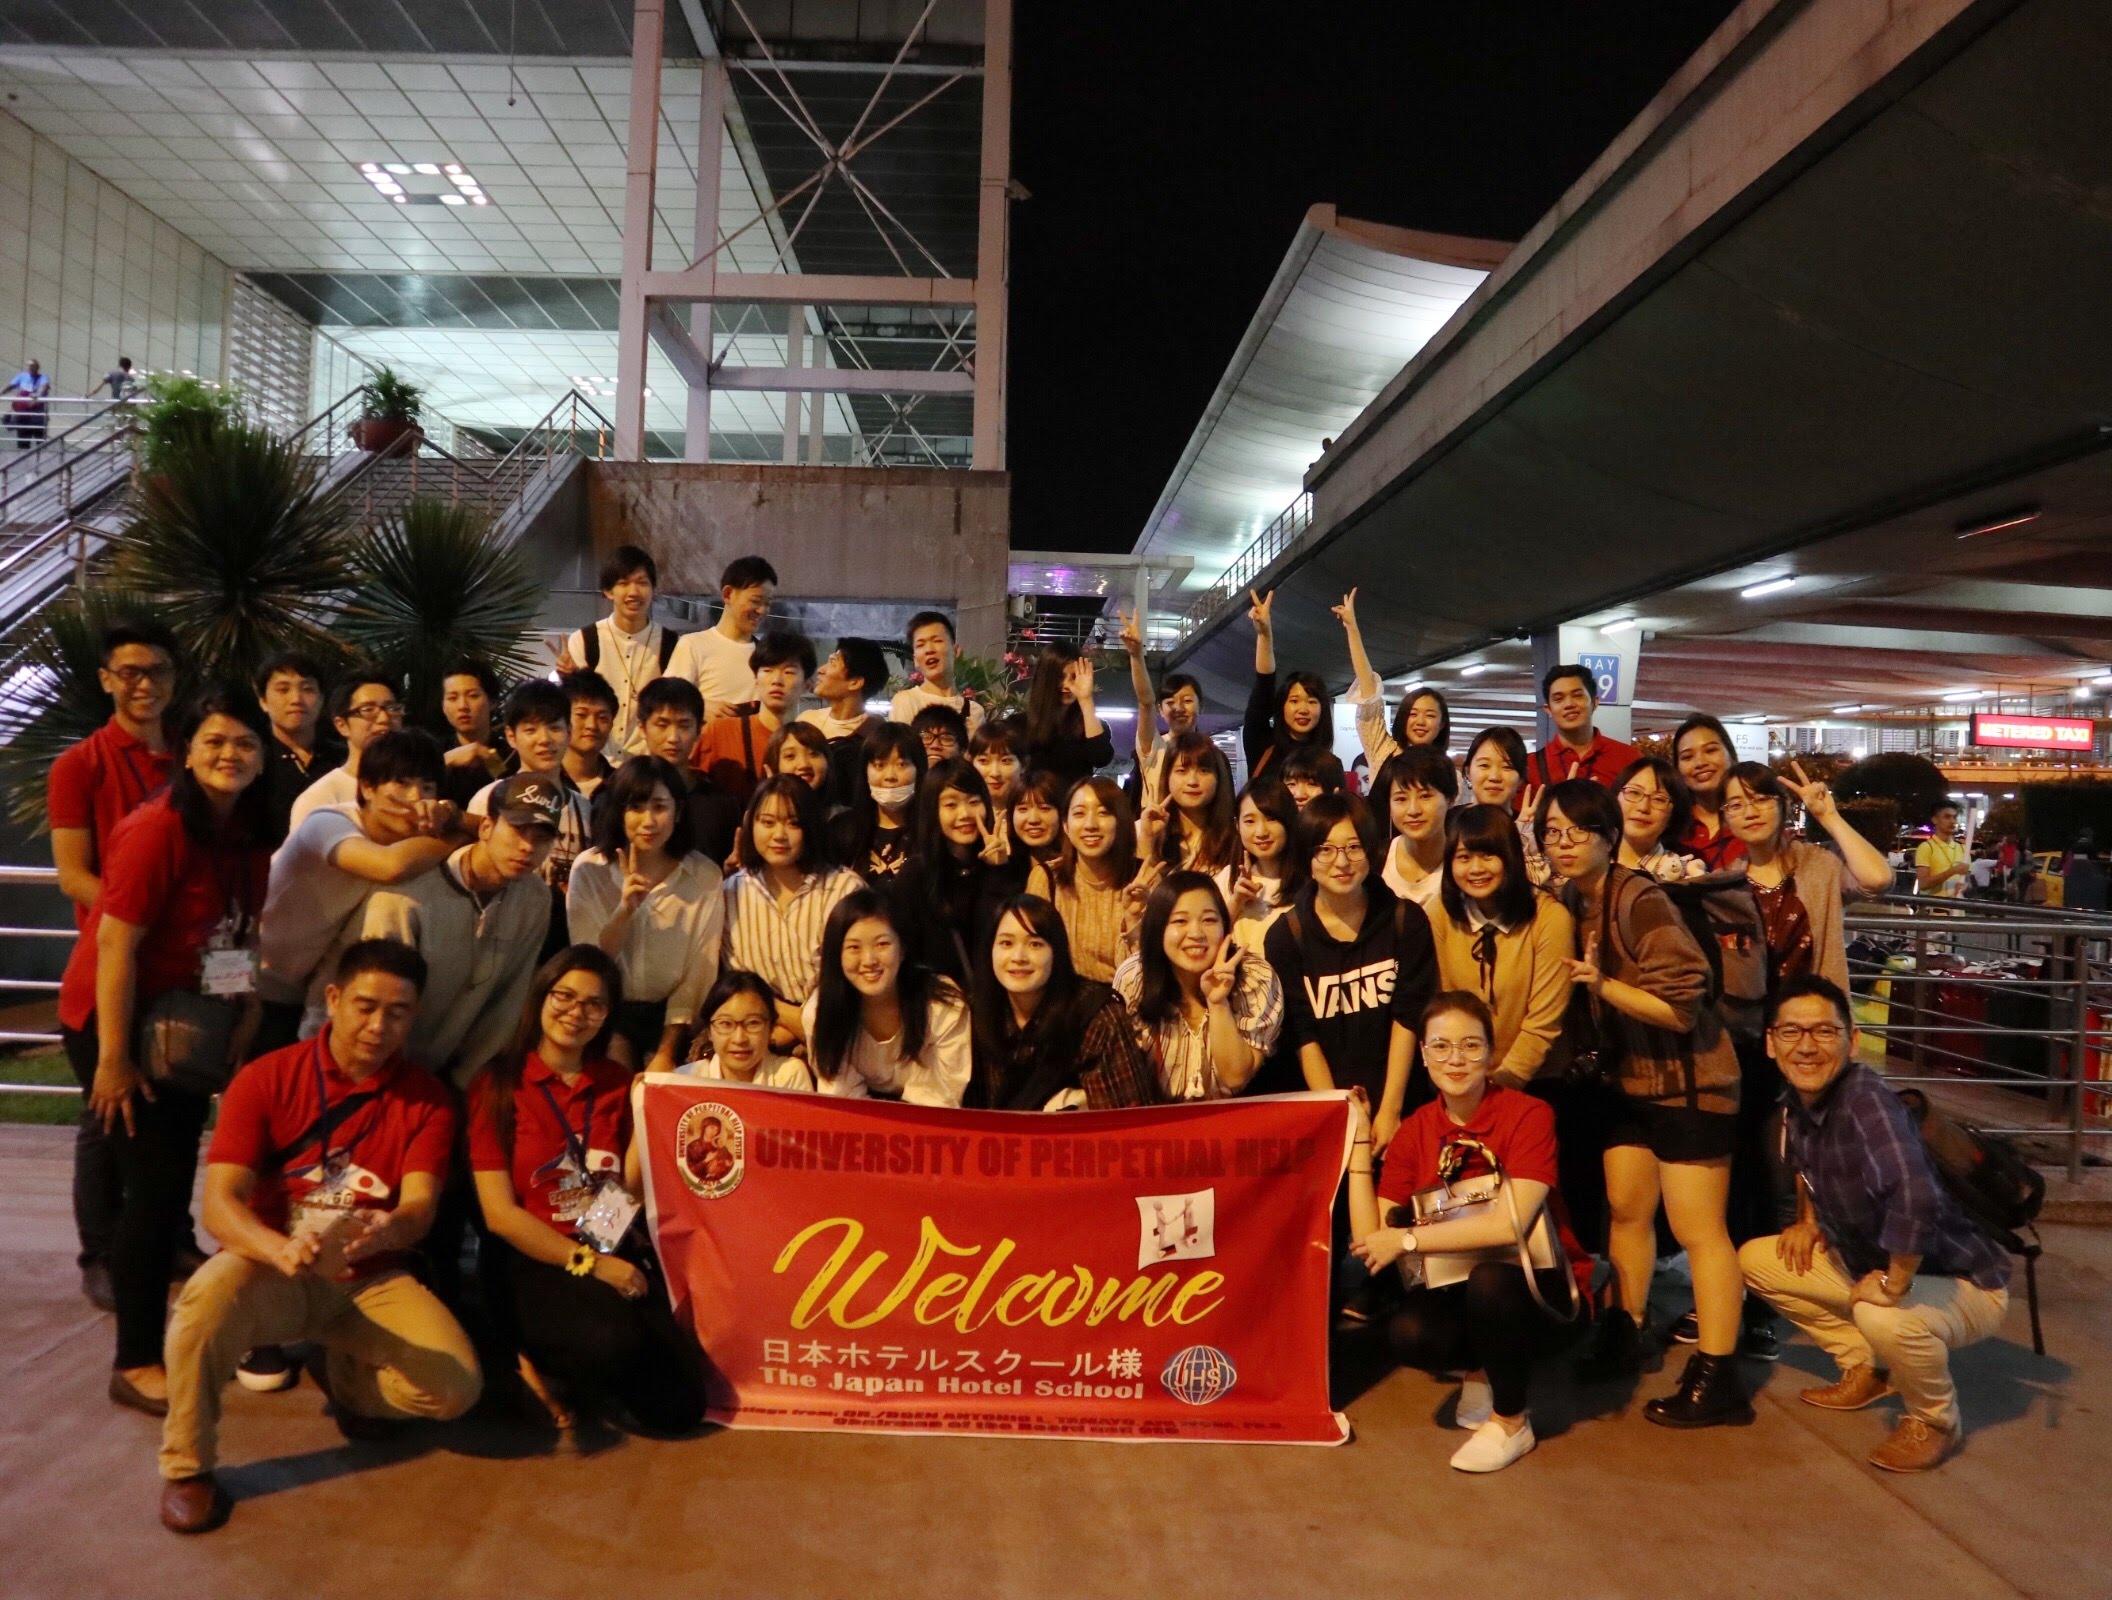 マニラ空港到着時 UPH学生からの歓迎を受ける